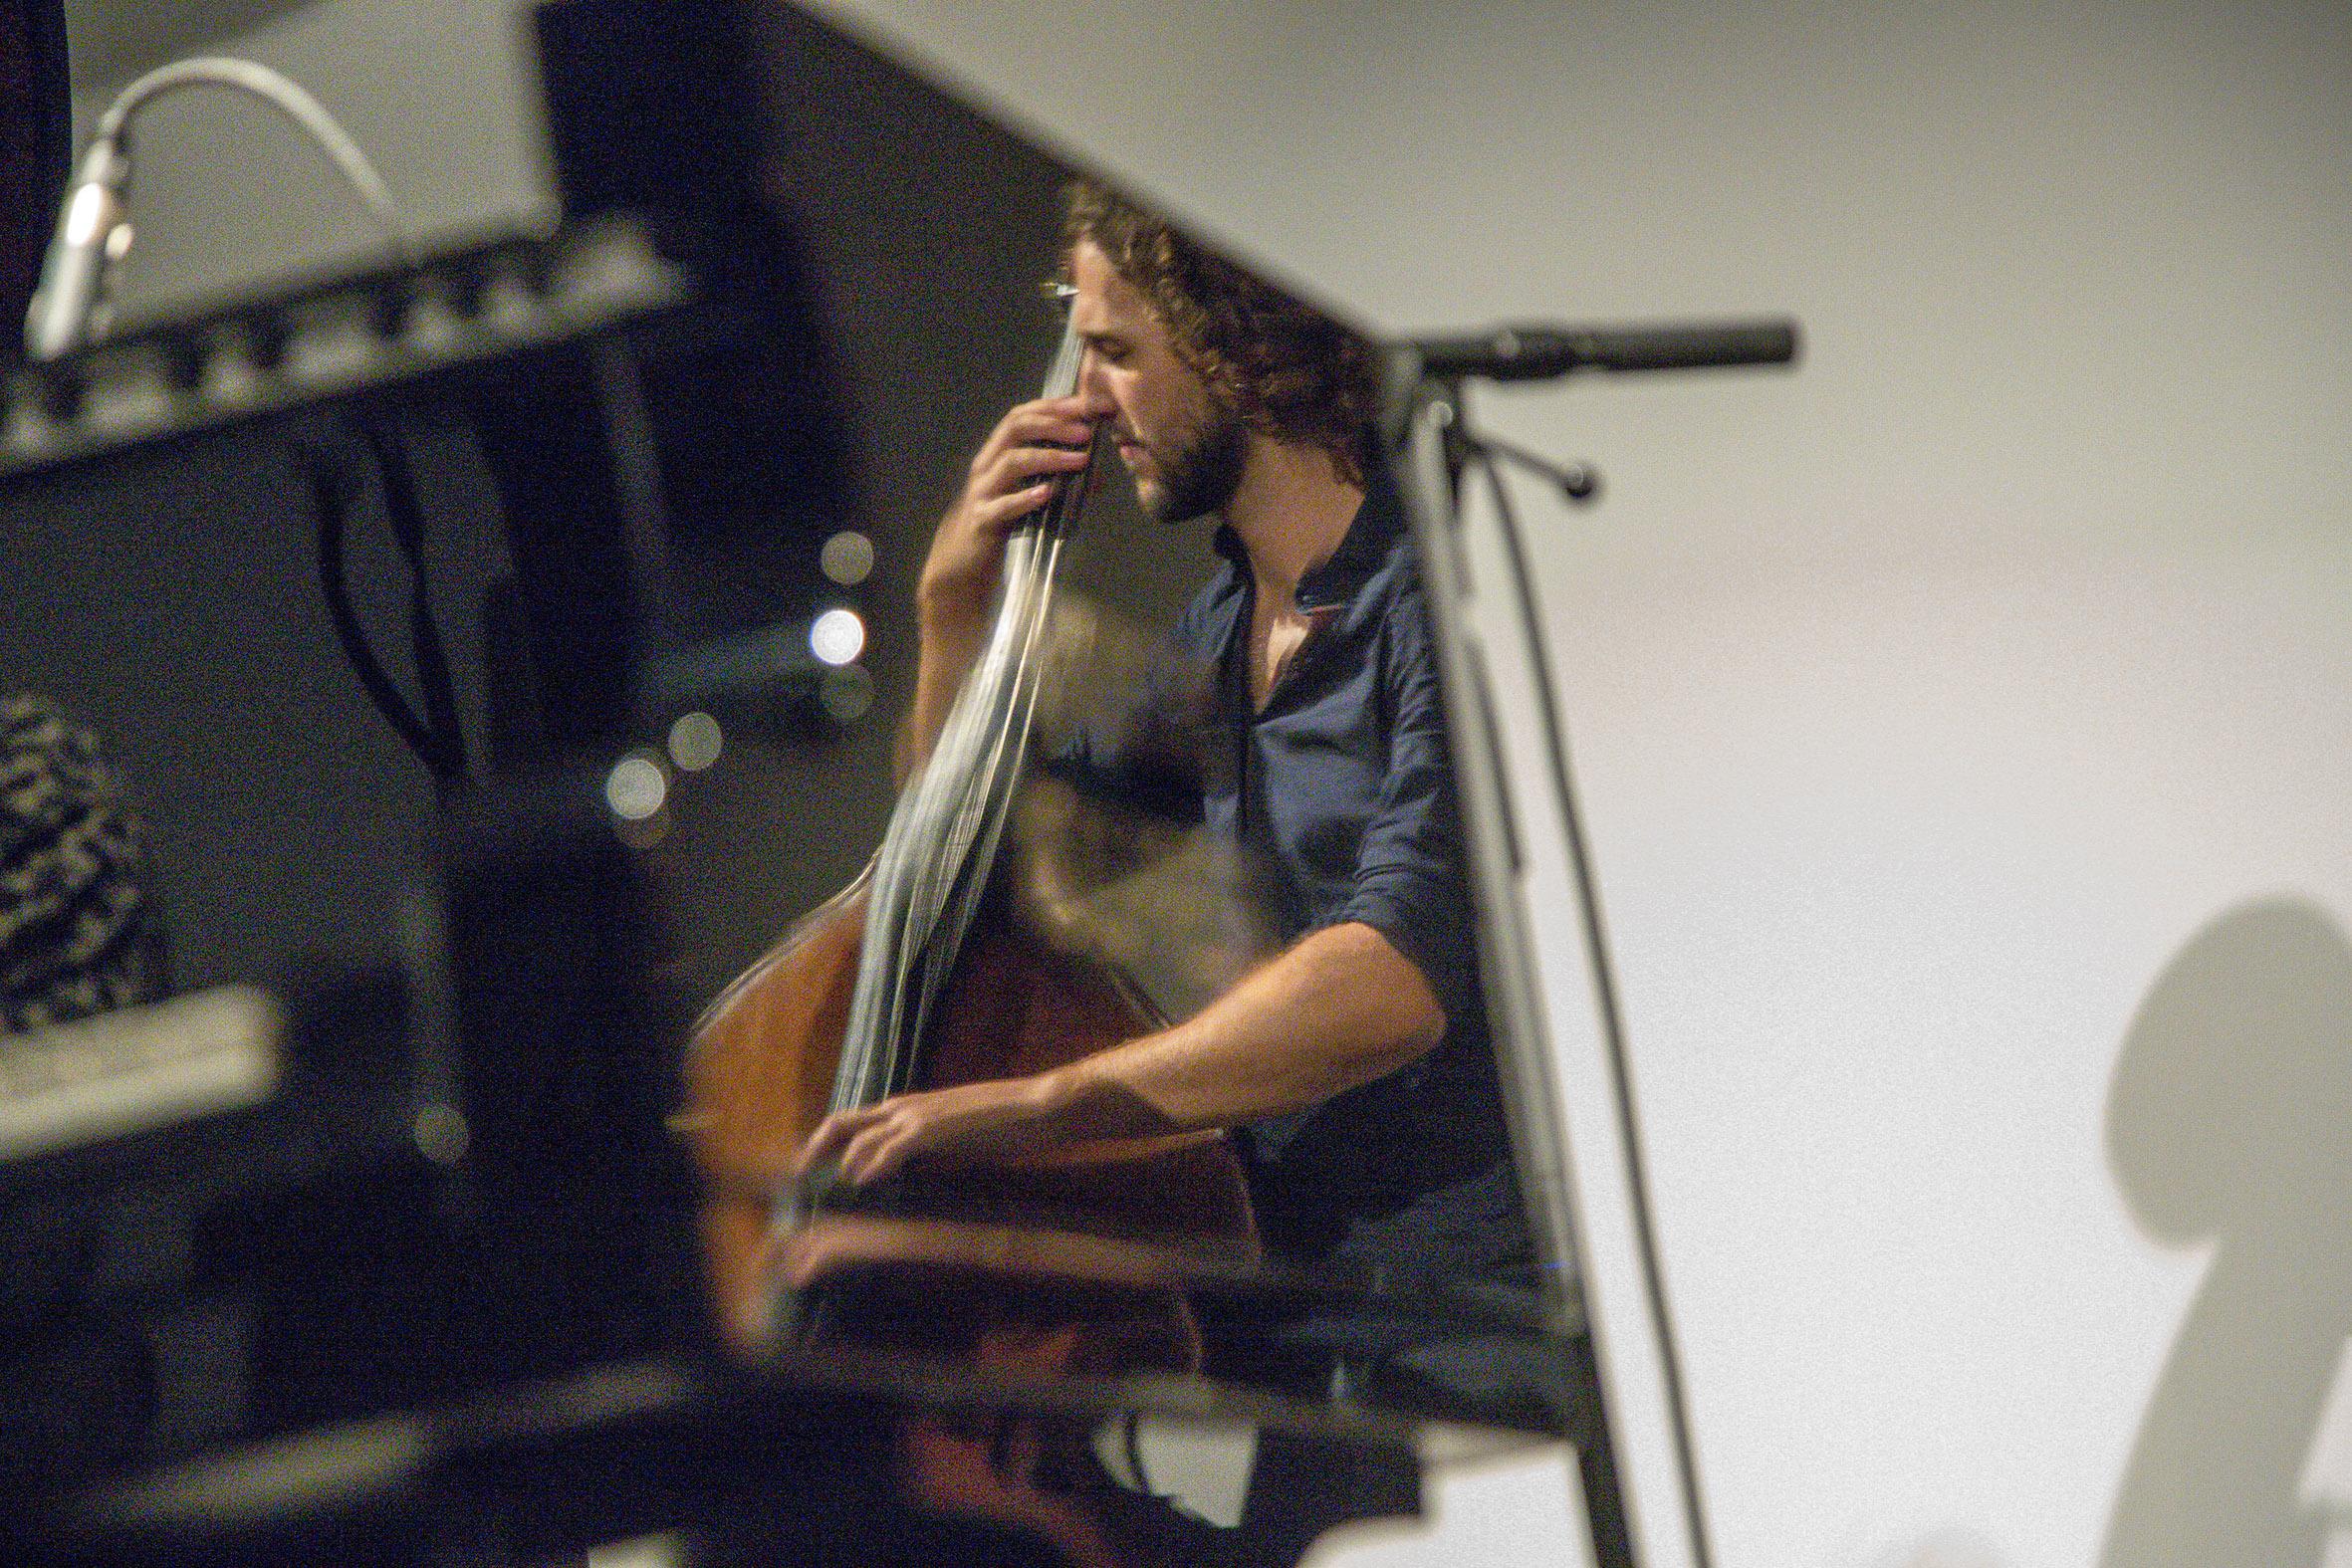 portraits-note-forget-festival-au-gr+¿s-du-jazz-la-petite-pierre-2015-marie-colette-becker-07